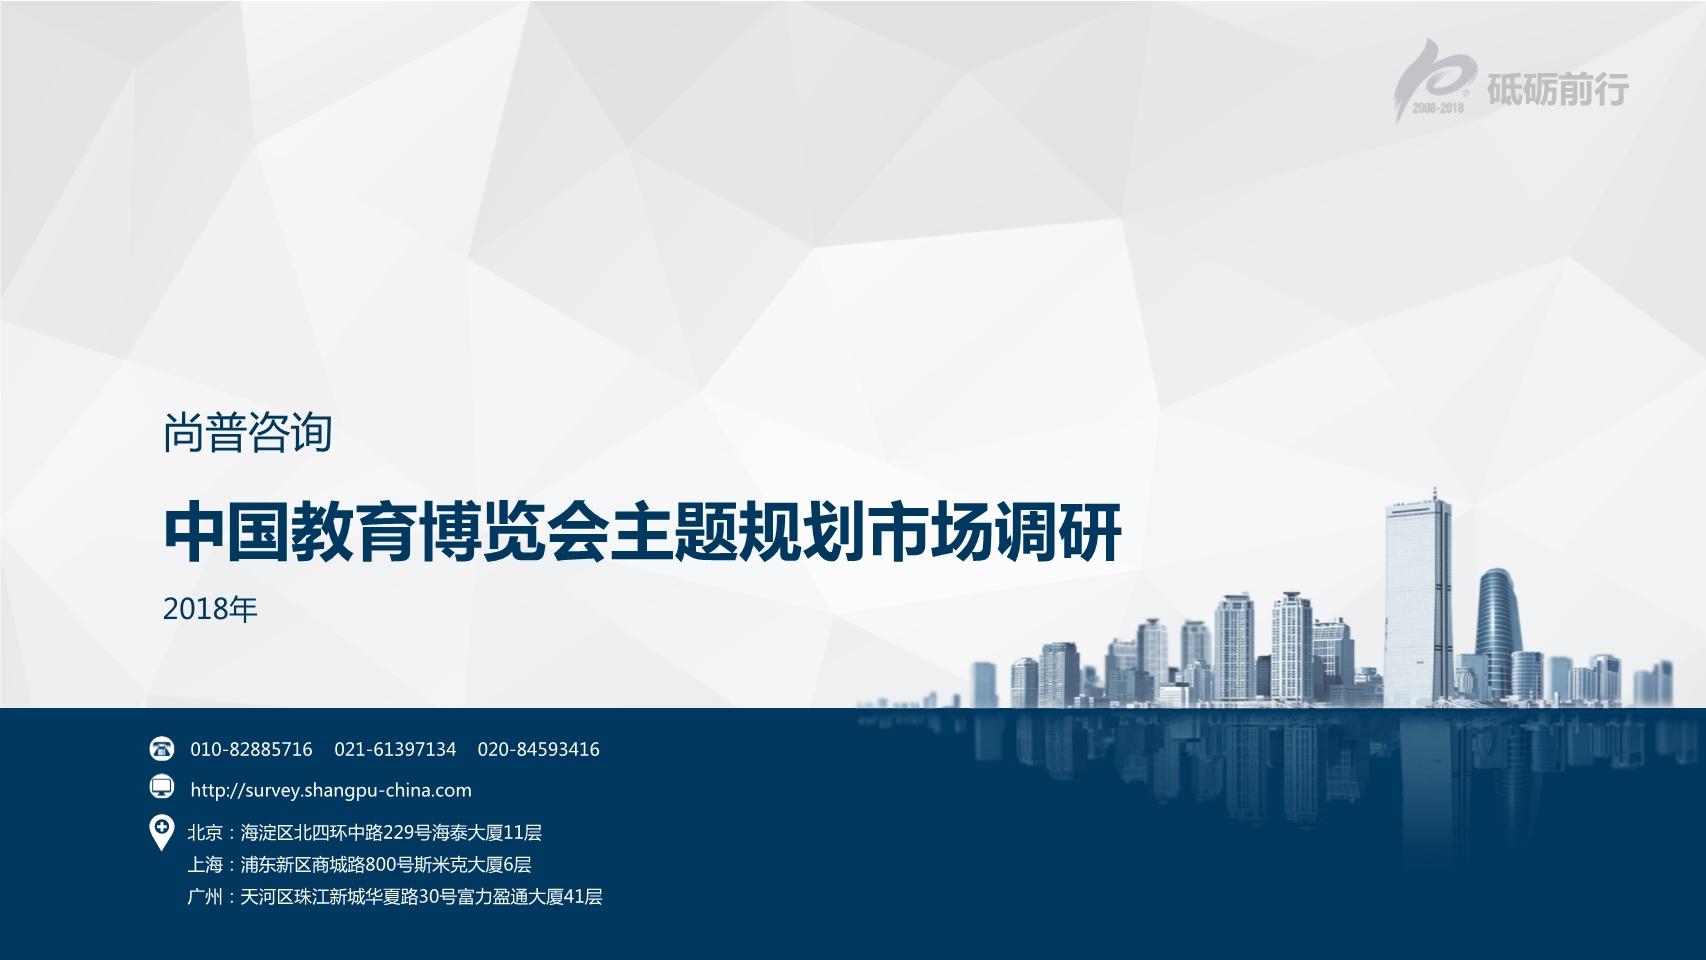 尚普咨询-中国教育博览会主题规划市场调研